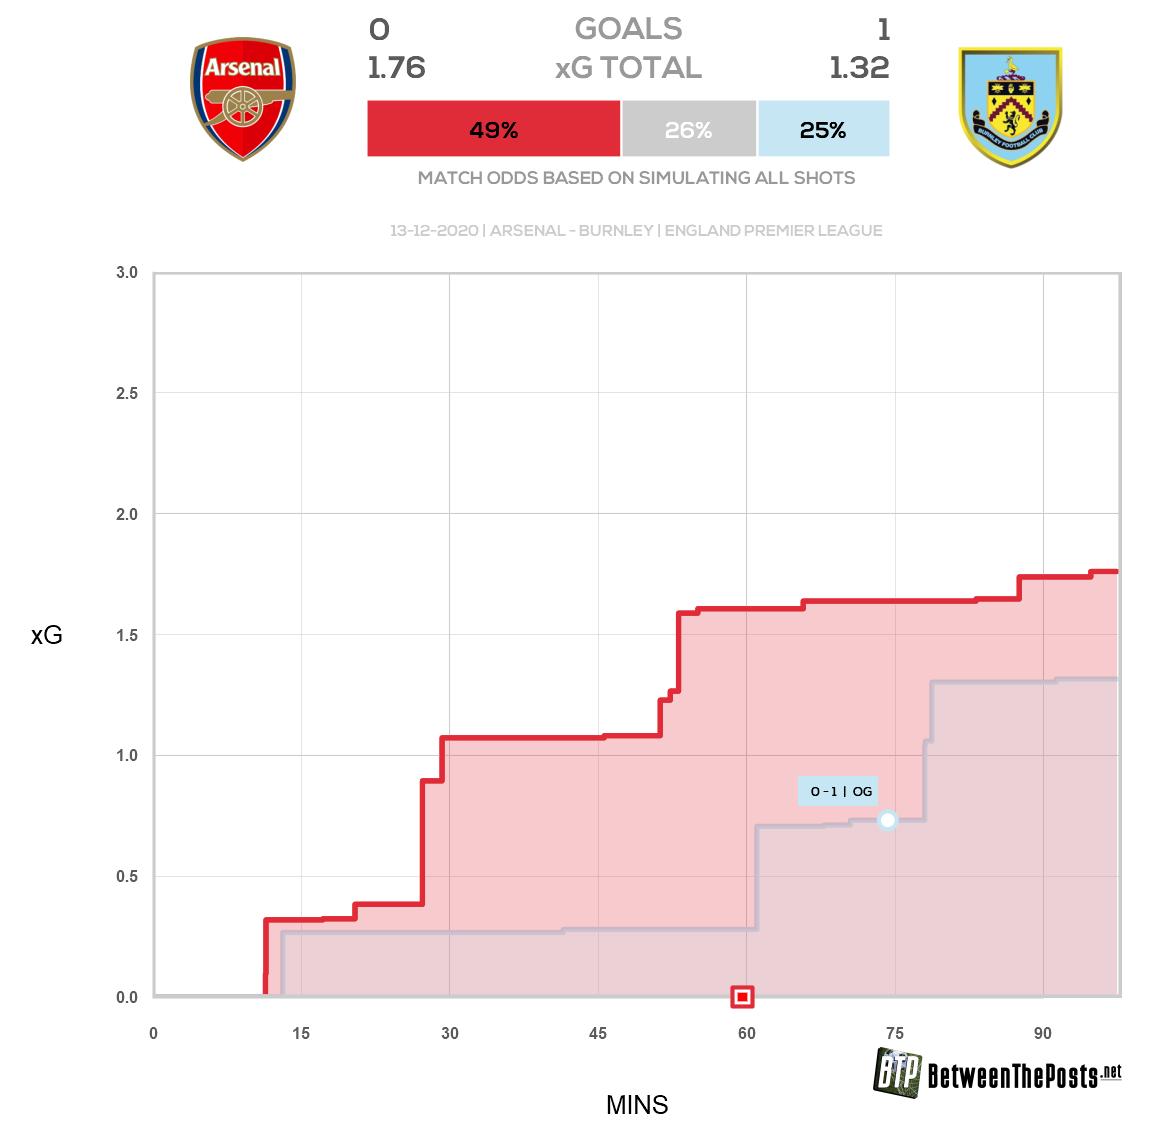 Артета оправдал поражения «Арсенала» невезением и даже привел цифры. Только это очень похоже на манипуляцию данными